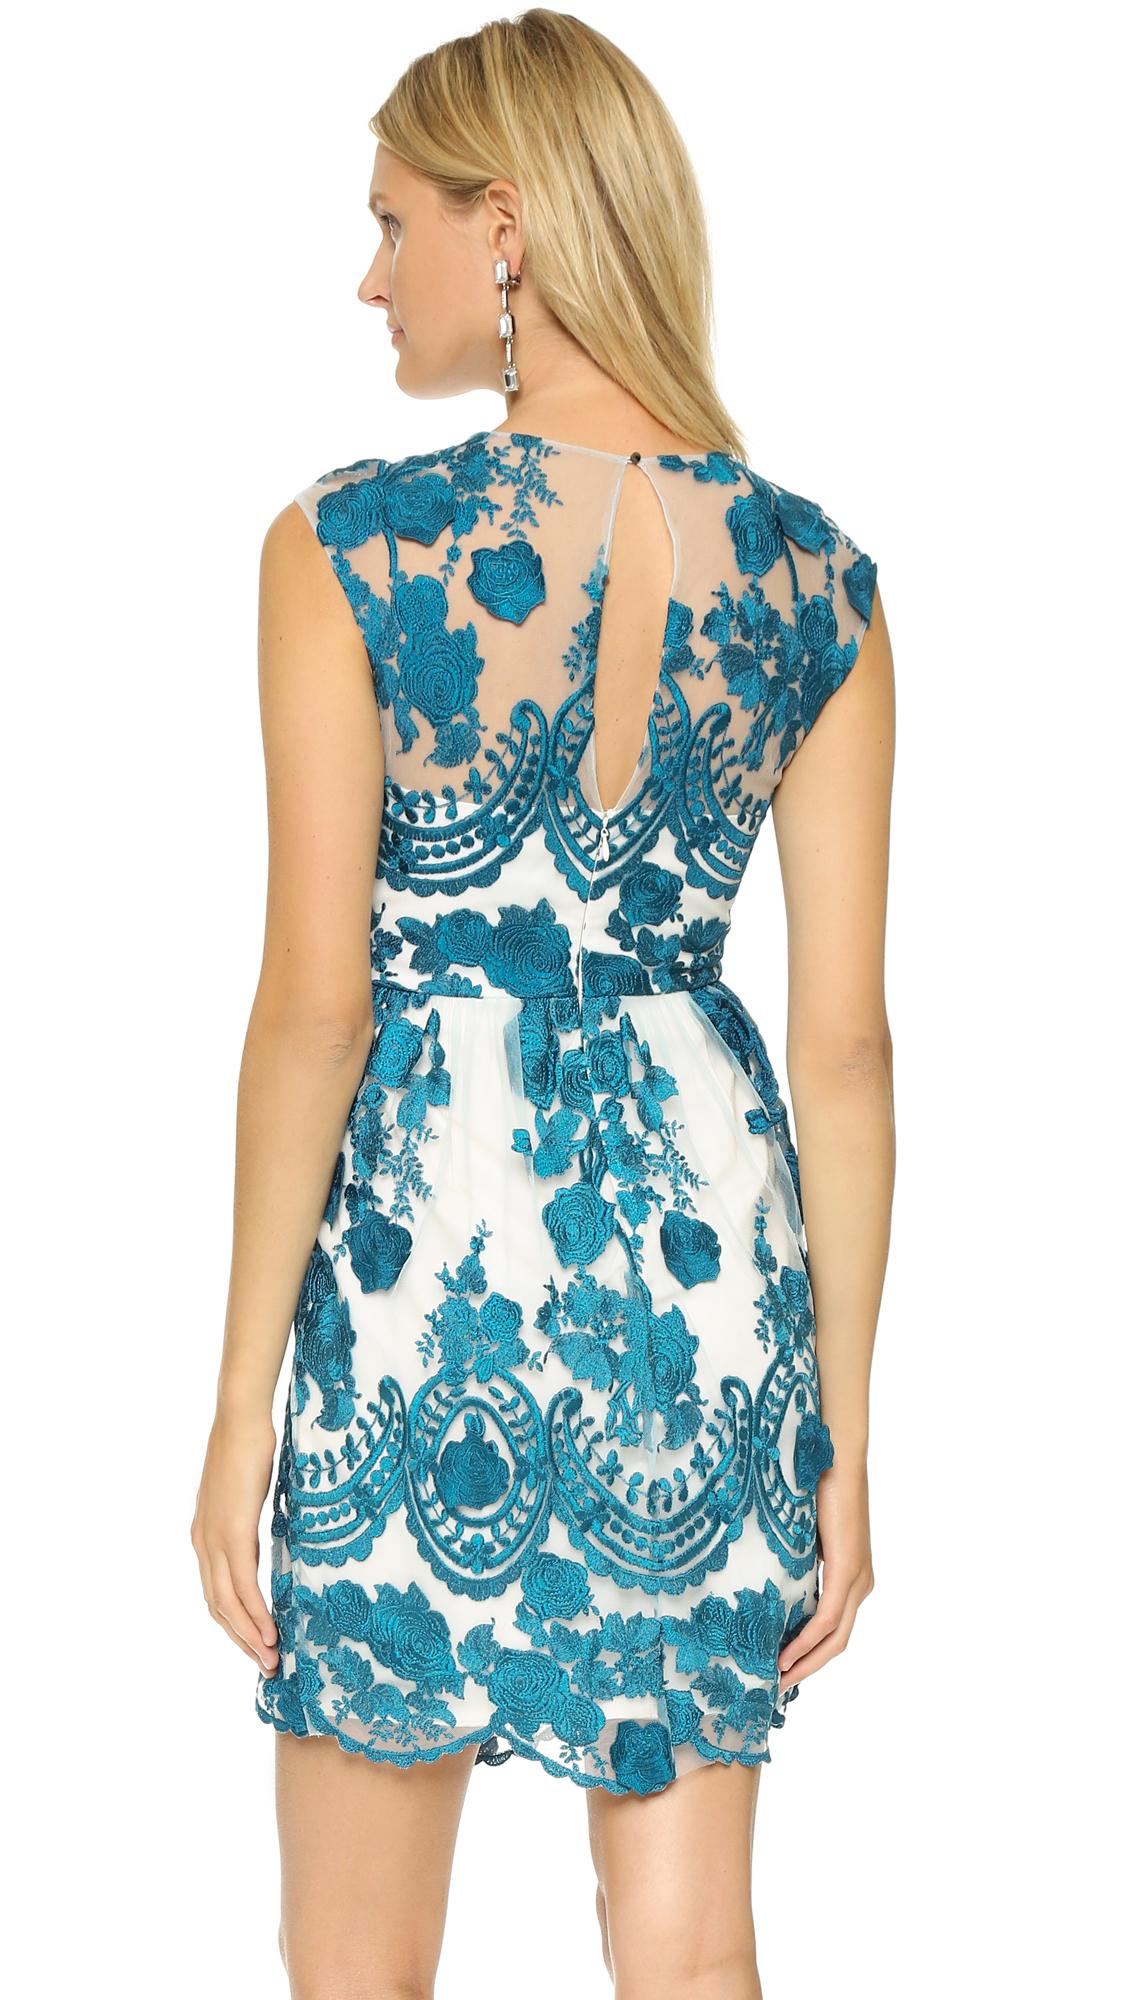 ... Marchesa Notte floral-appliquéd lace gown